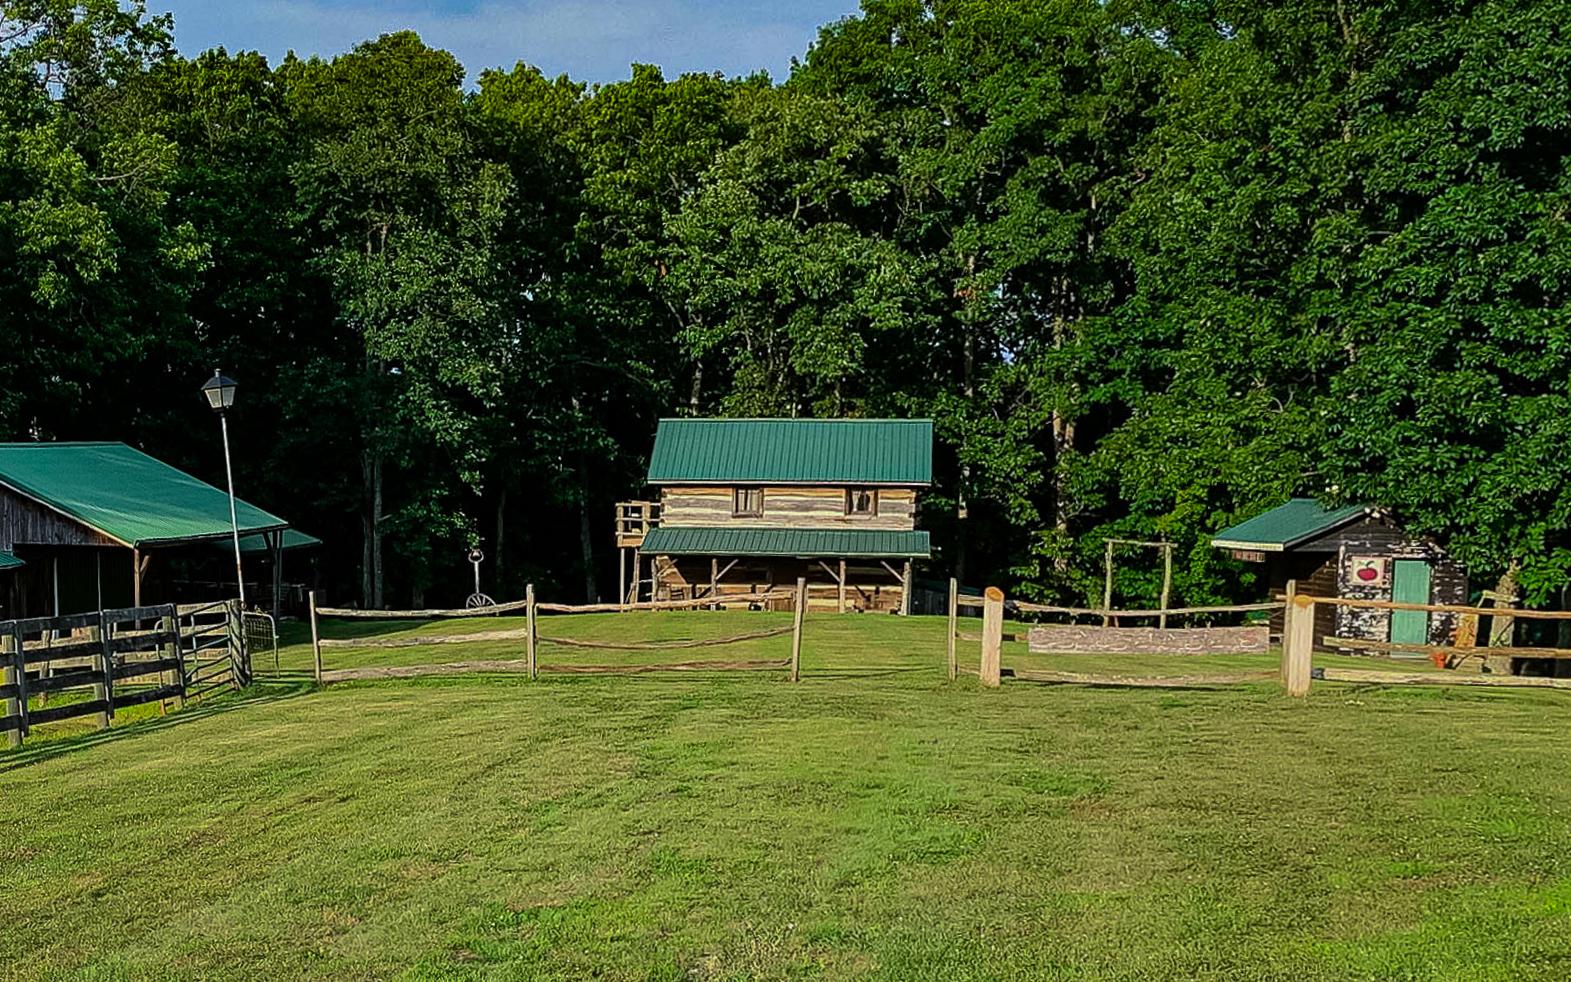 Barn_outside area wide VIVID-3